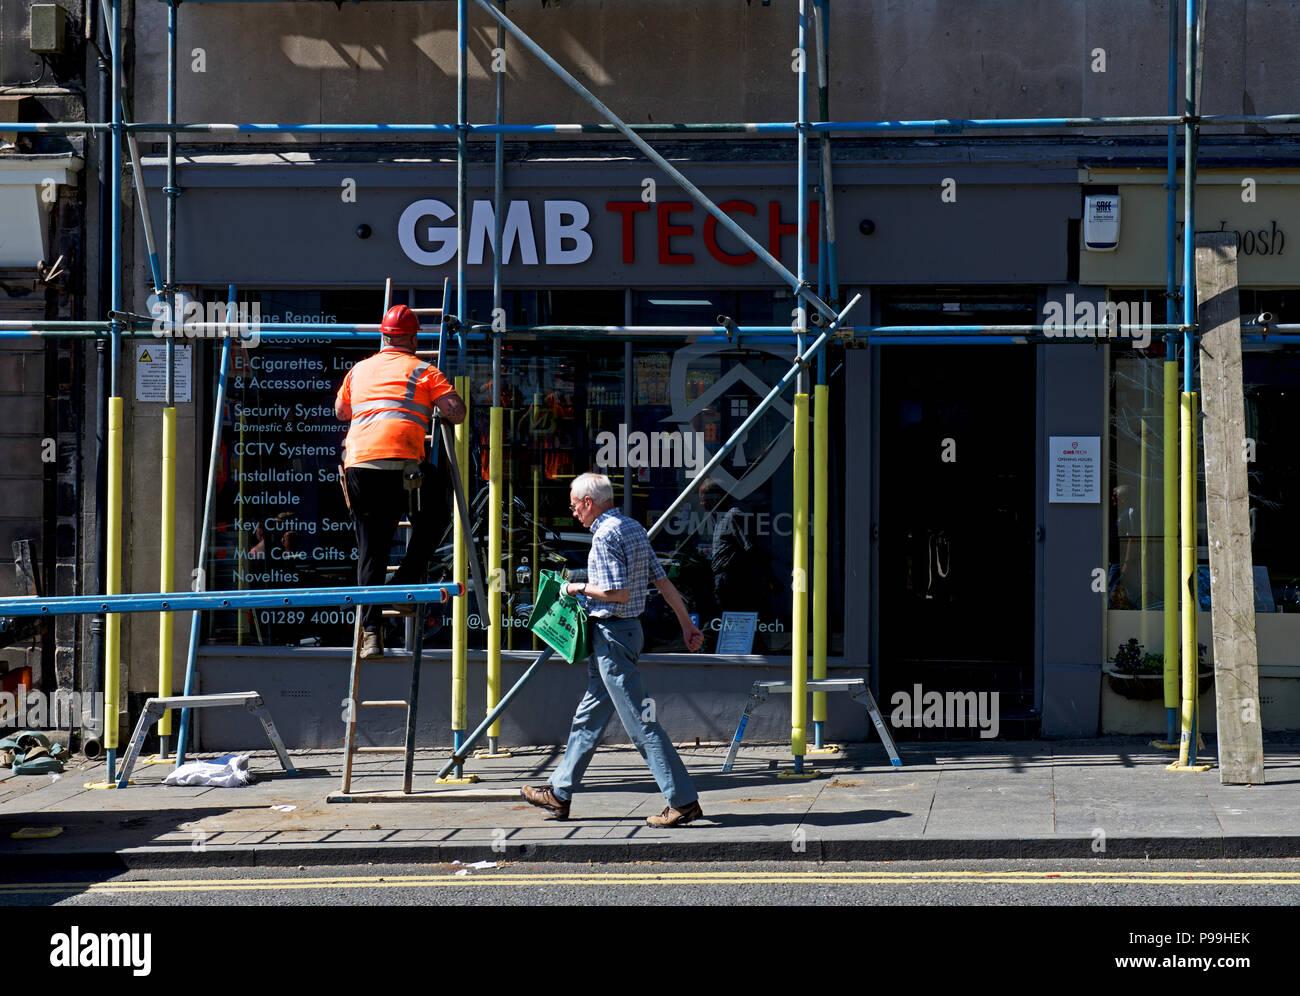 Scaffolding around shop, England UK - Stock Image